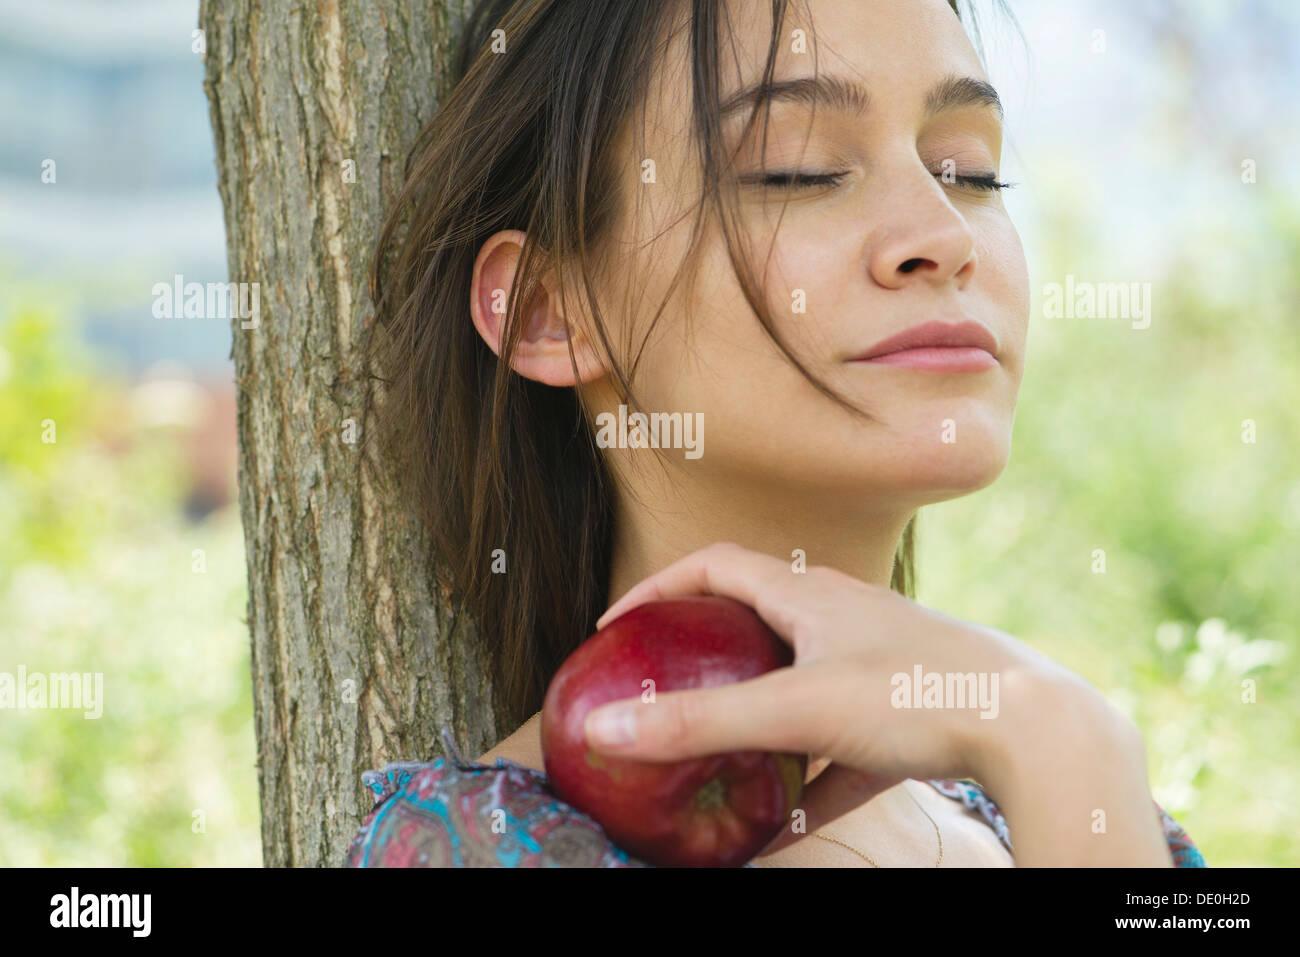 Mujer relajante al aire libre con los ojos cerrados, sosteniendo apple Imagen De Stock